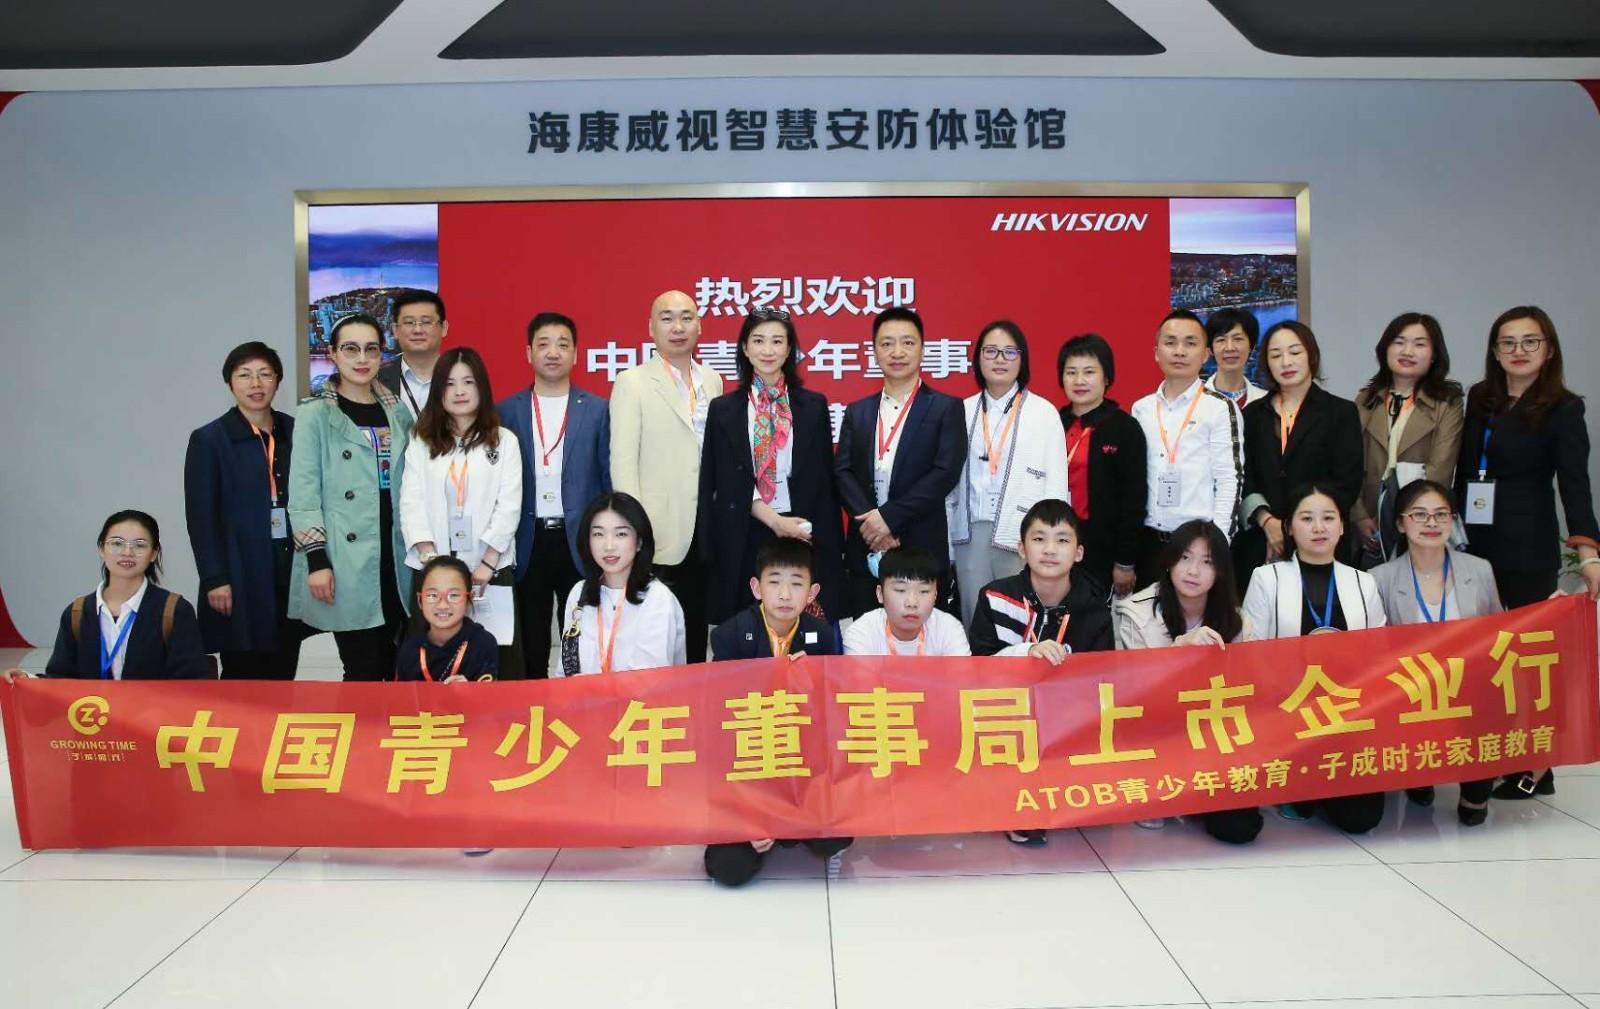 海康威视总裁胡扬忠会见中国青少年董事局一行